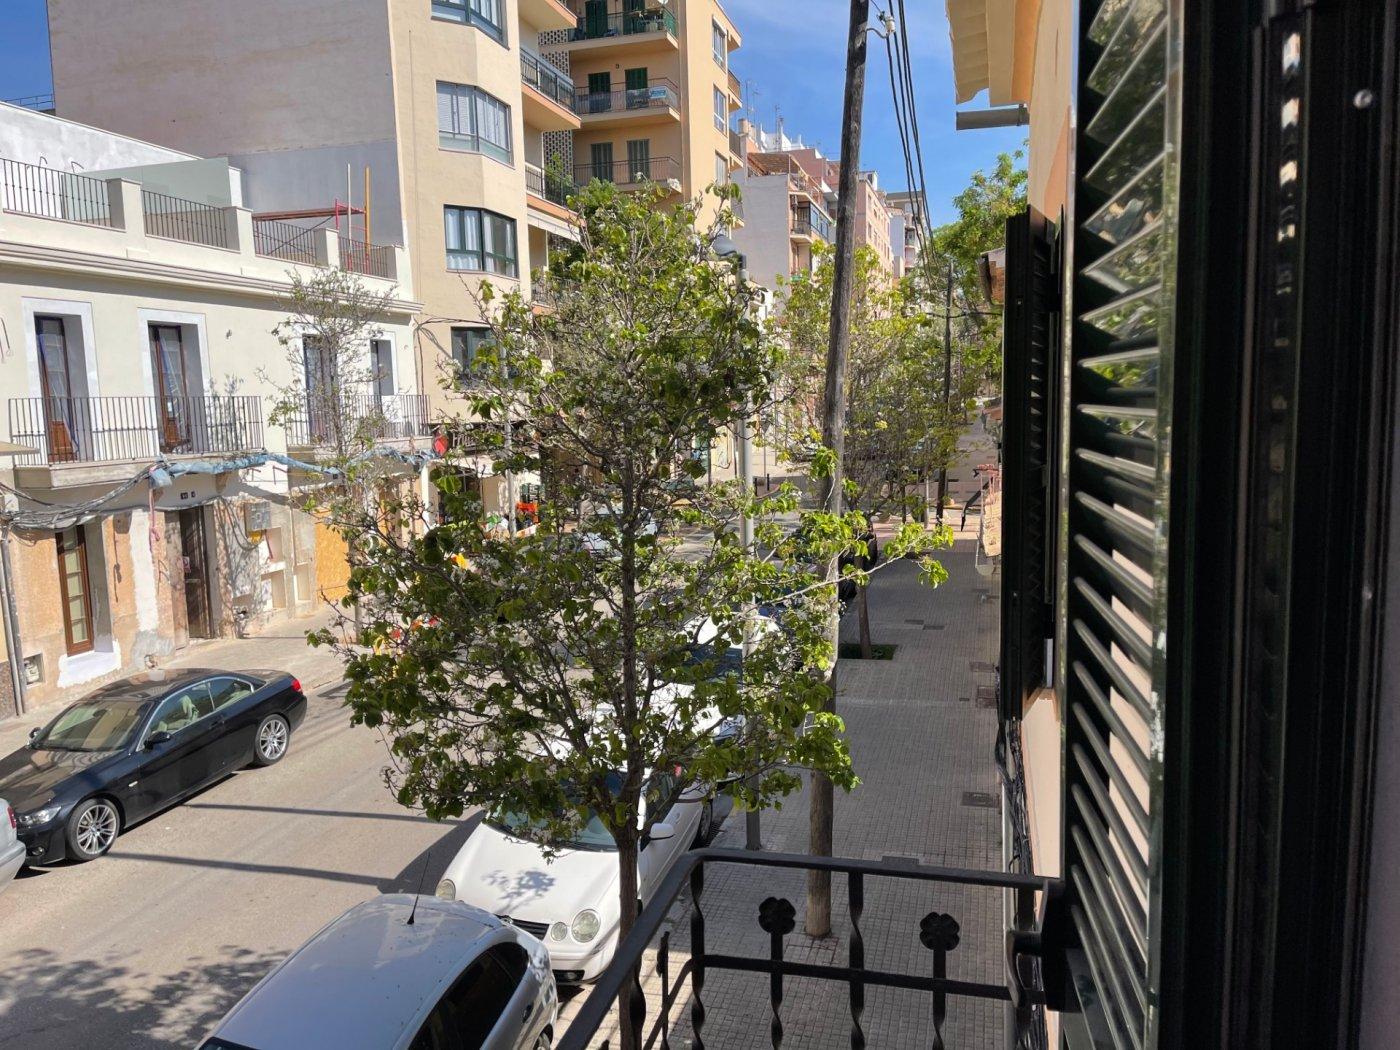 Piso en alquiler en santa catalina, palma de mallorca - imagenInmueble12